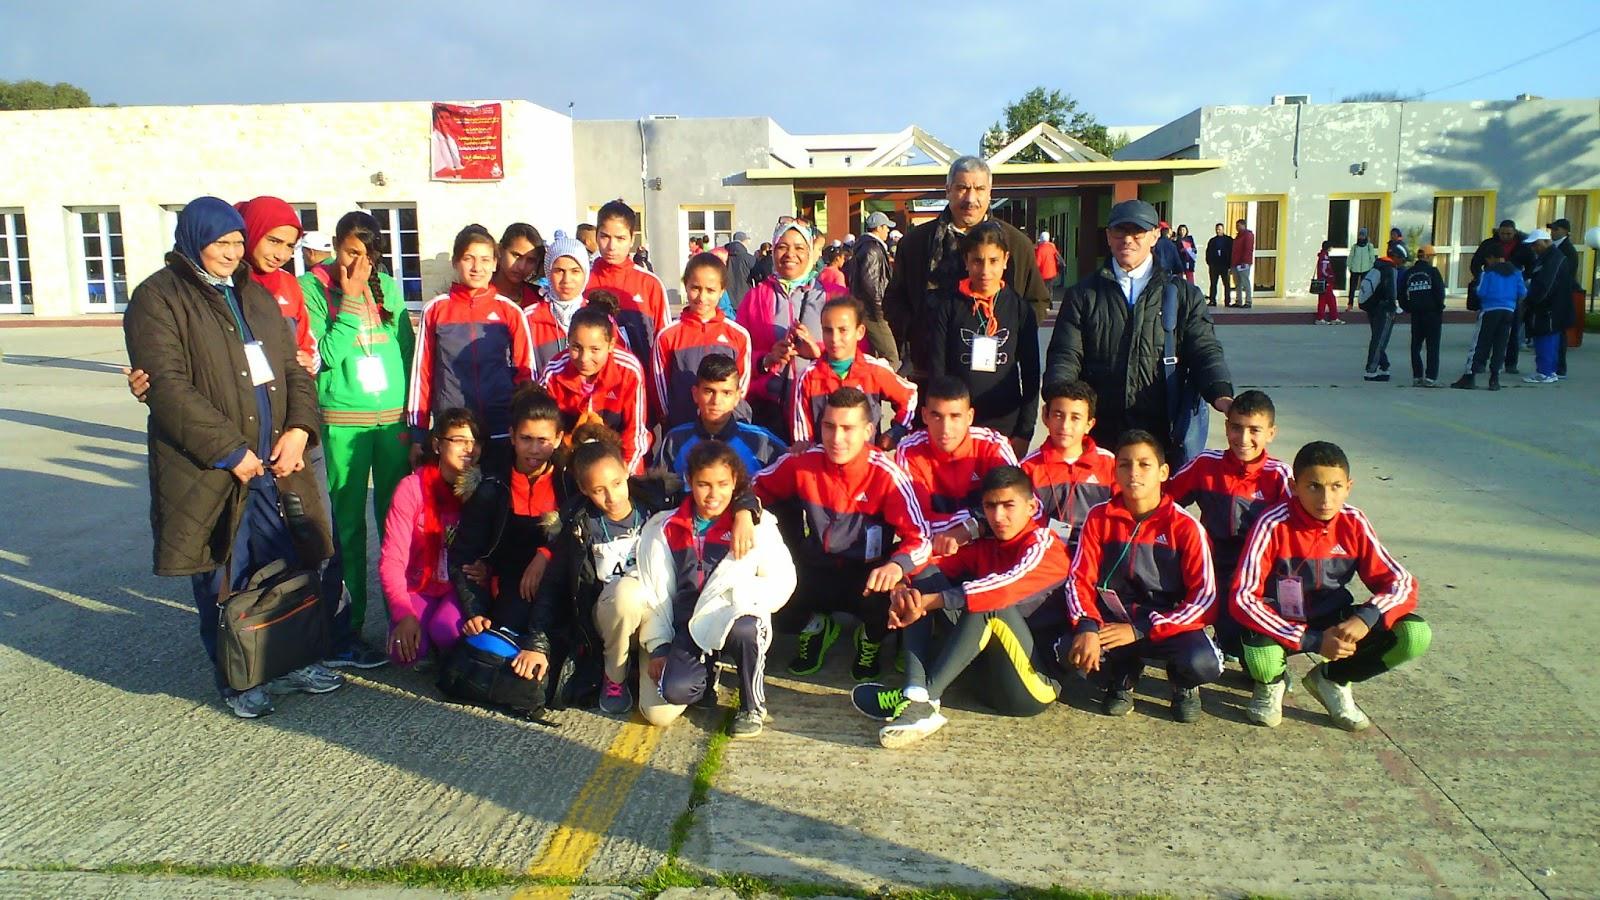 تاونات:  نيابة تاونات تشارك في البطولة الوطنية للعدو الريفي المدرسي والعوادي يضيع التأهل لبطولة العالمية بخطوة